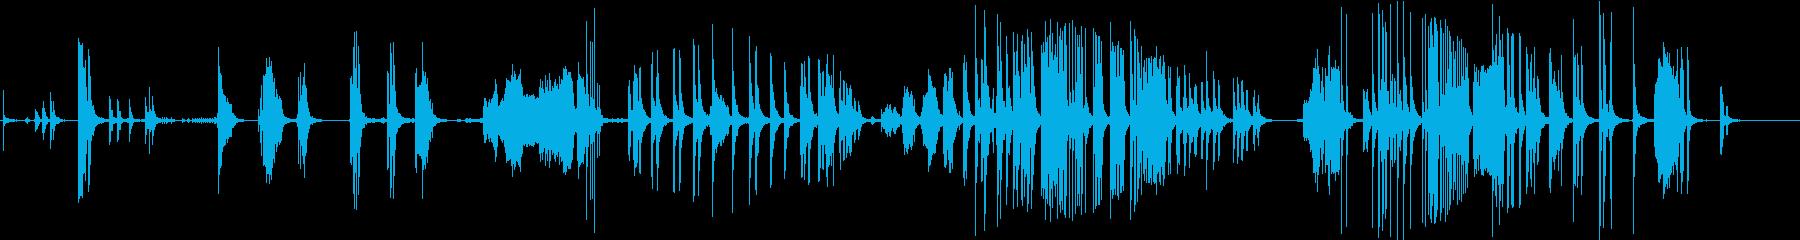 さまざまなスティッキーバルーンラブ...の再生済みの波形